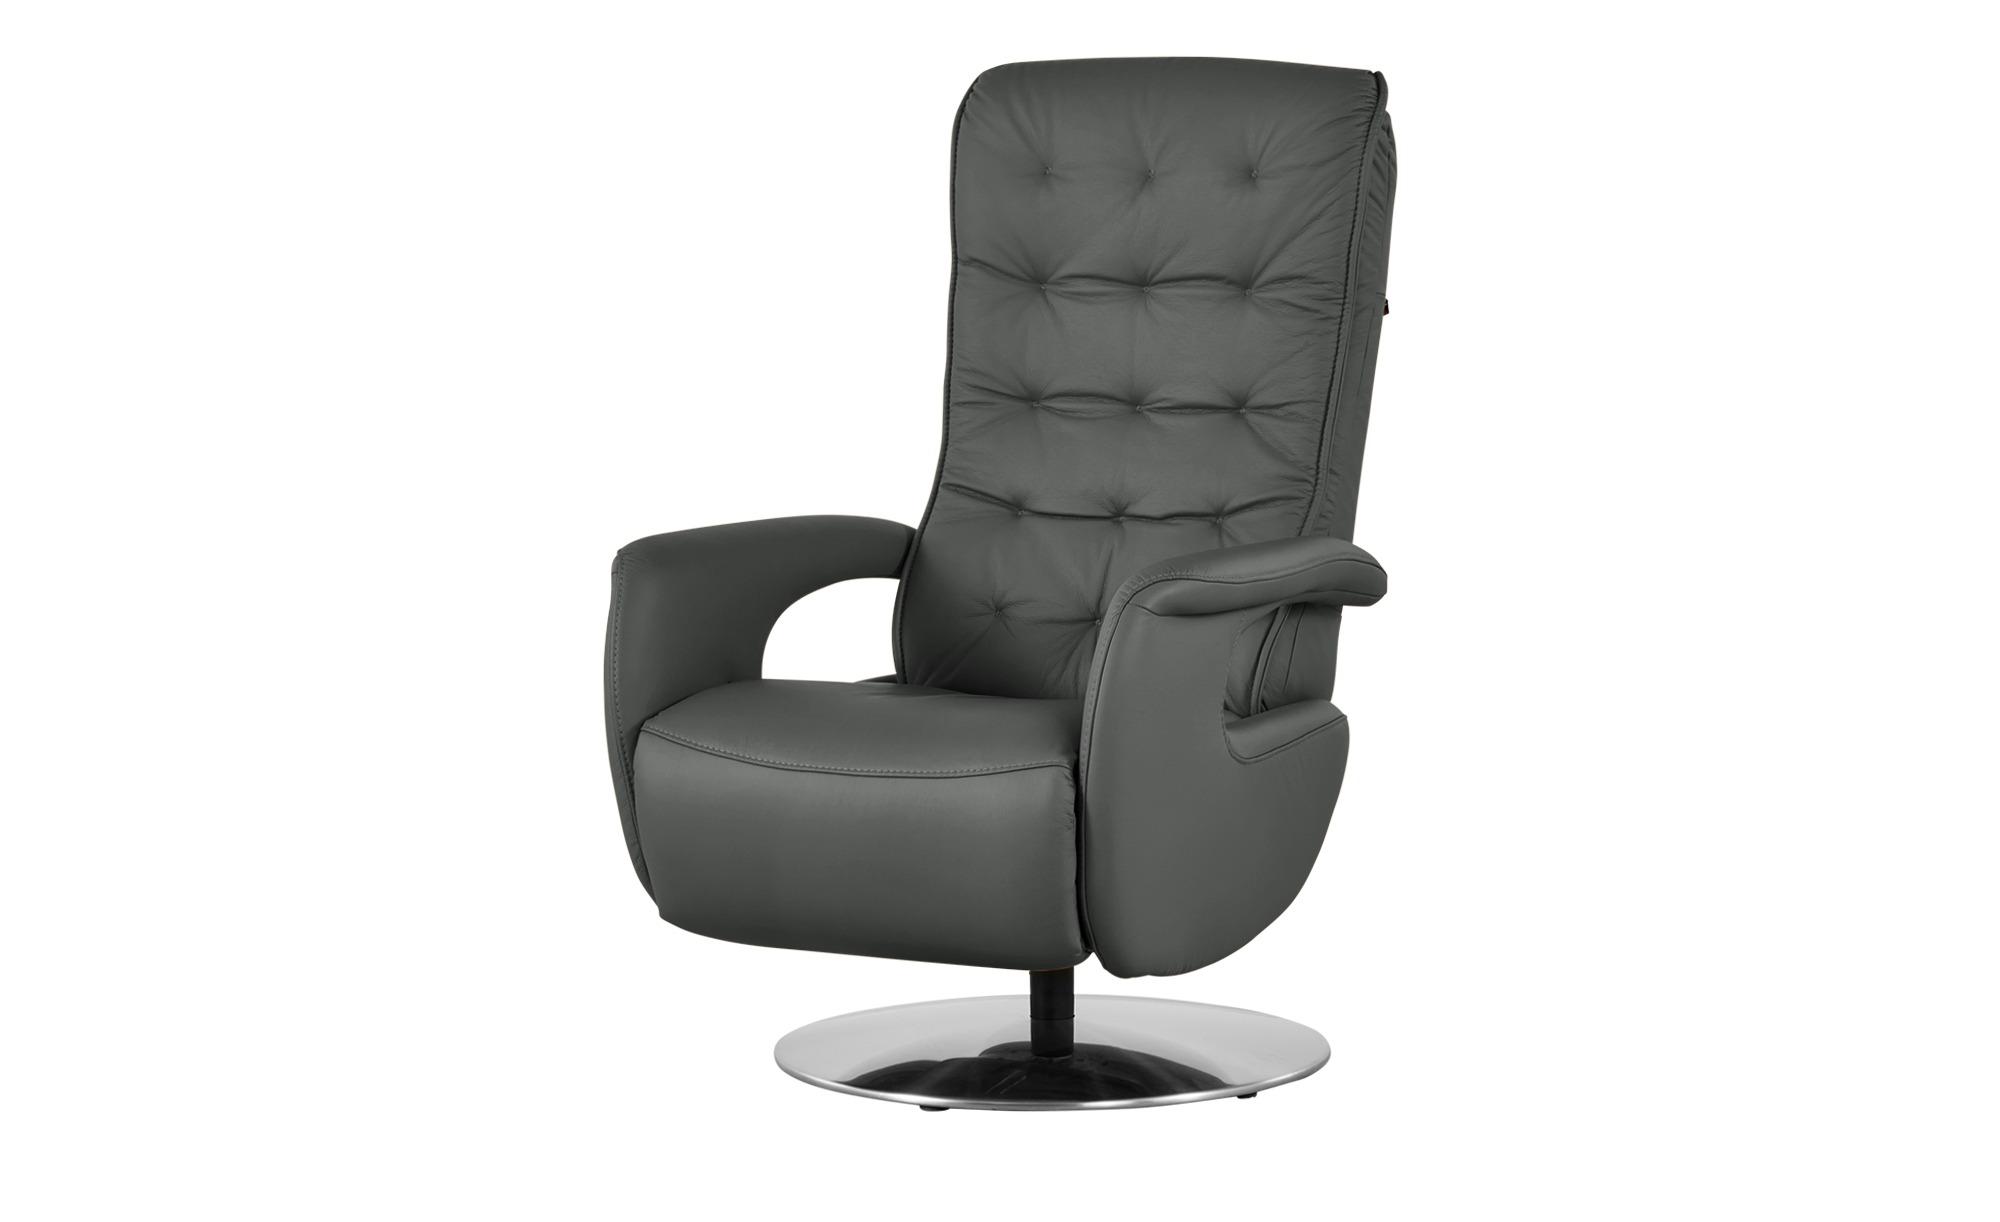 Hukla Relaxsessel  Smilla ¦ grau Polstermöbel > Sessel > Ledersessel - Höffner